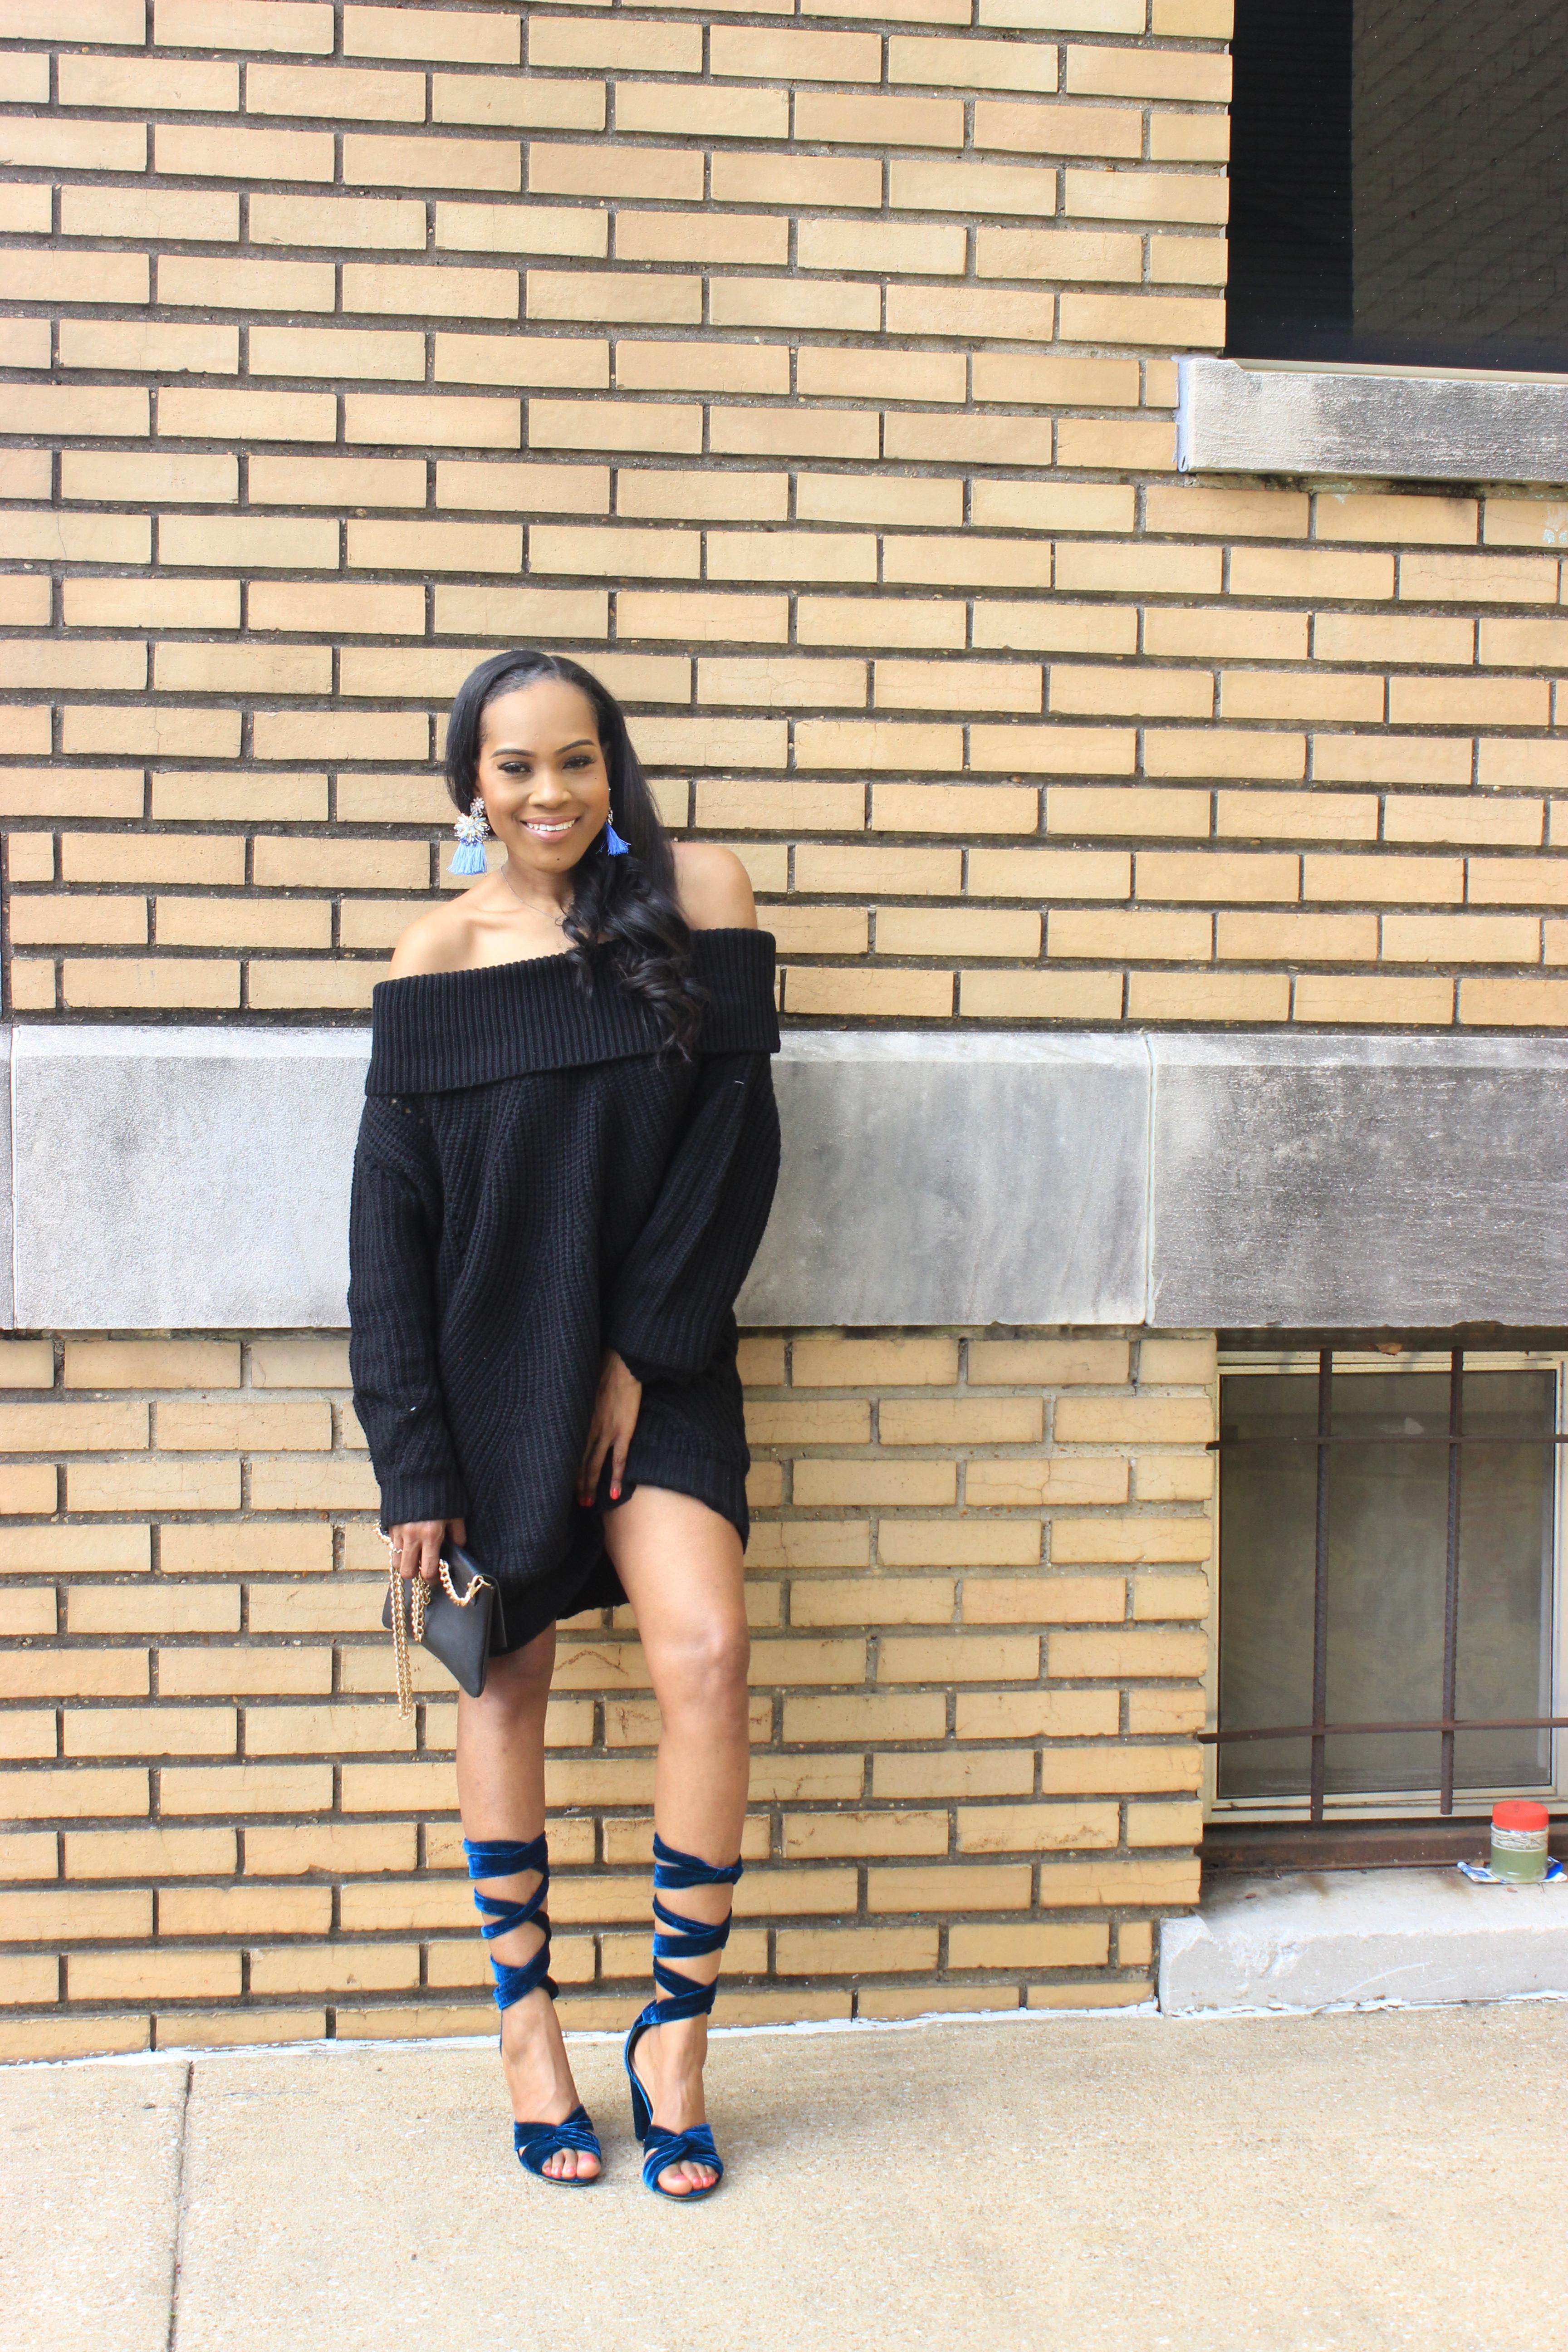 Style-Files-Tobi-nikki-black-off-the-shoulder-sweater-dress-justfab-blue-velvet-lace-up-sandals-justfab-teal-velvet-Acacia Heeled Sandals-oohlalablog-4